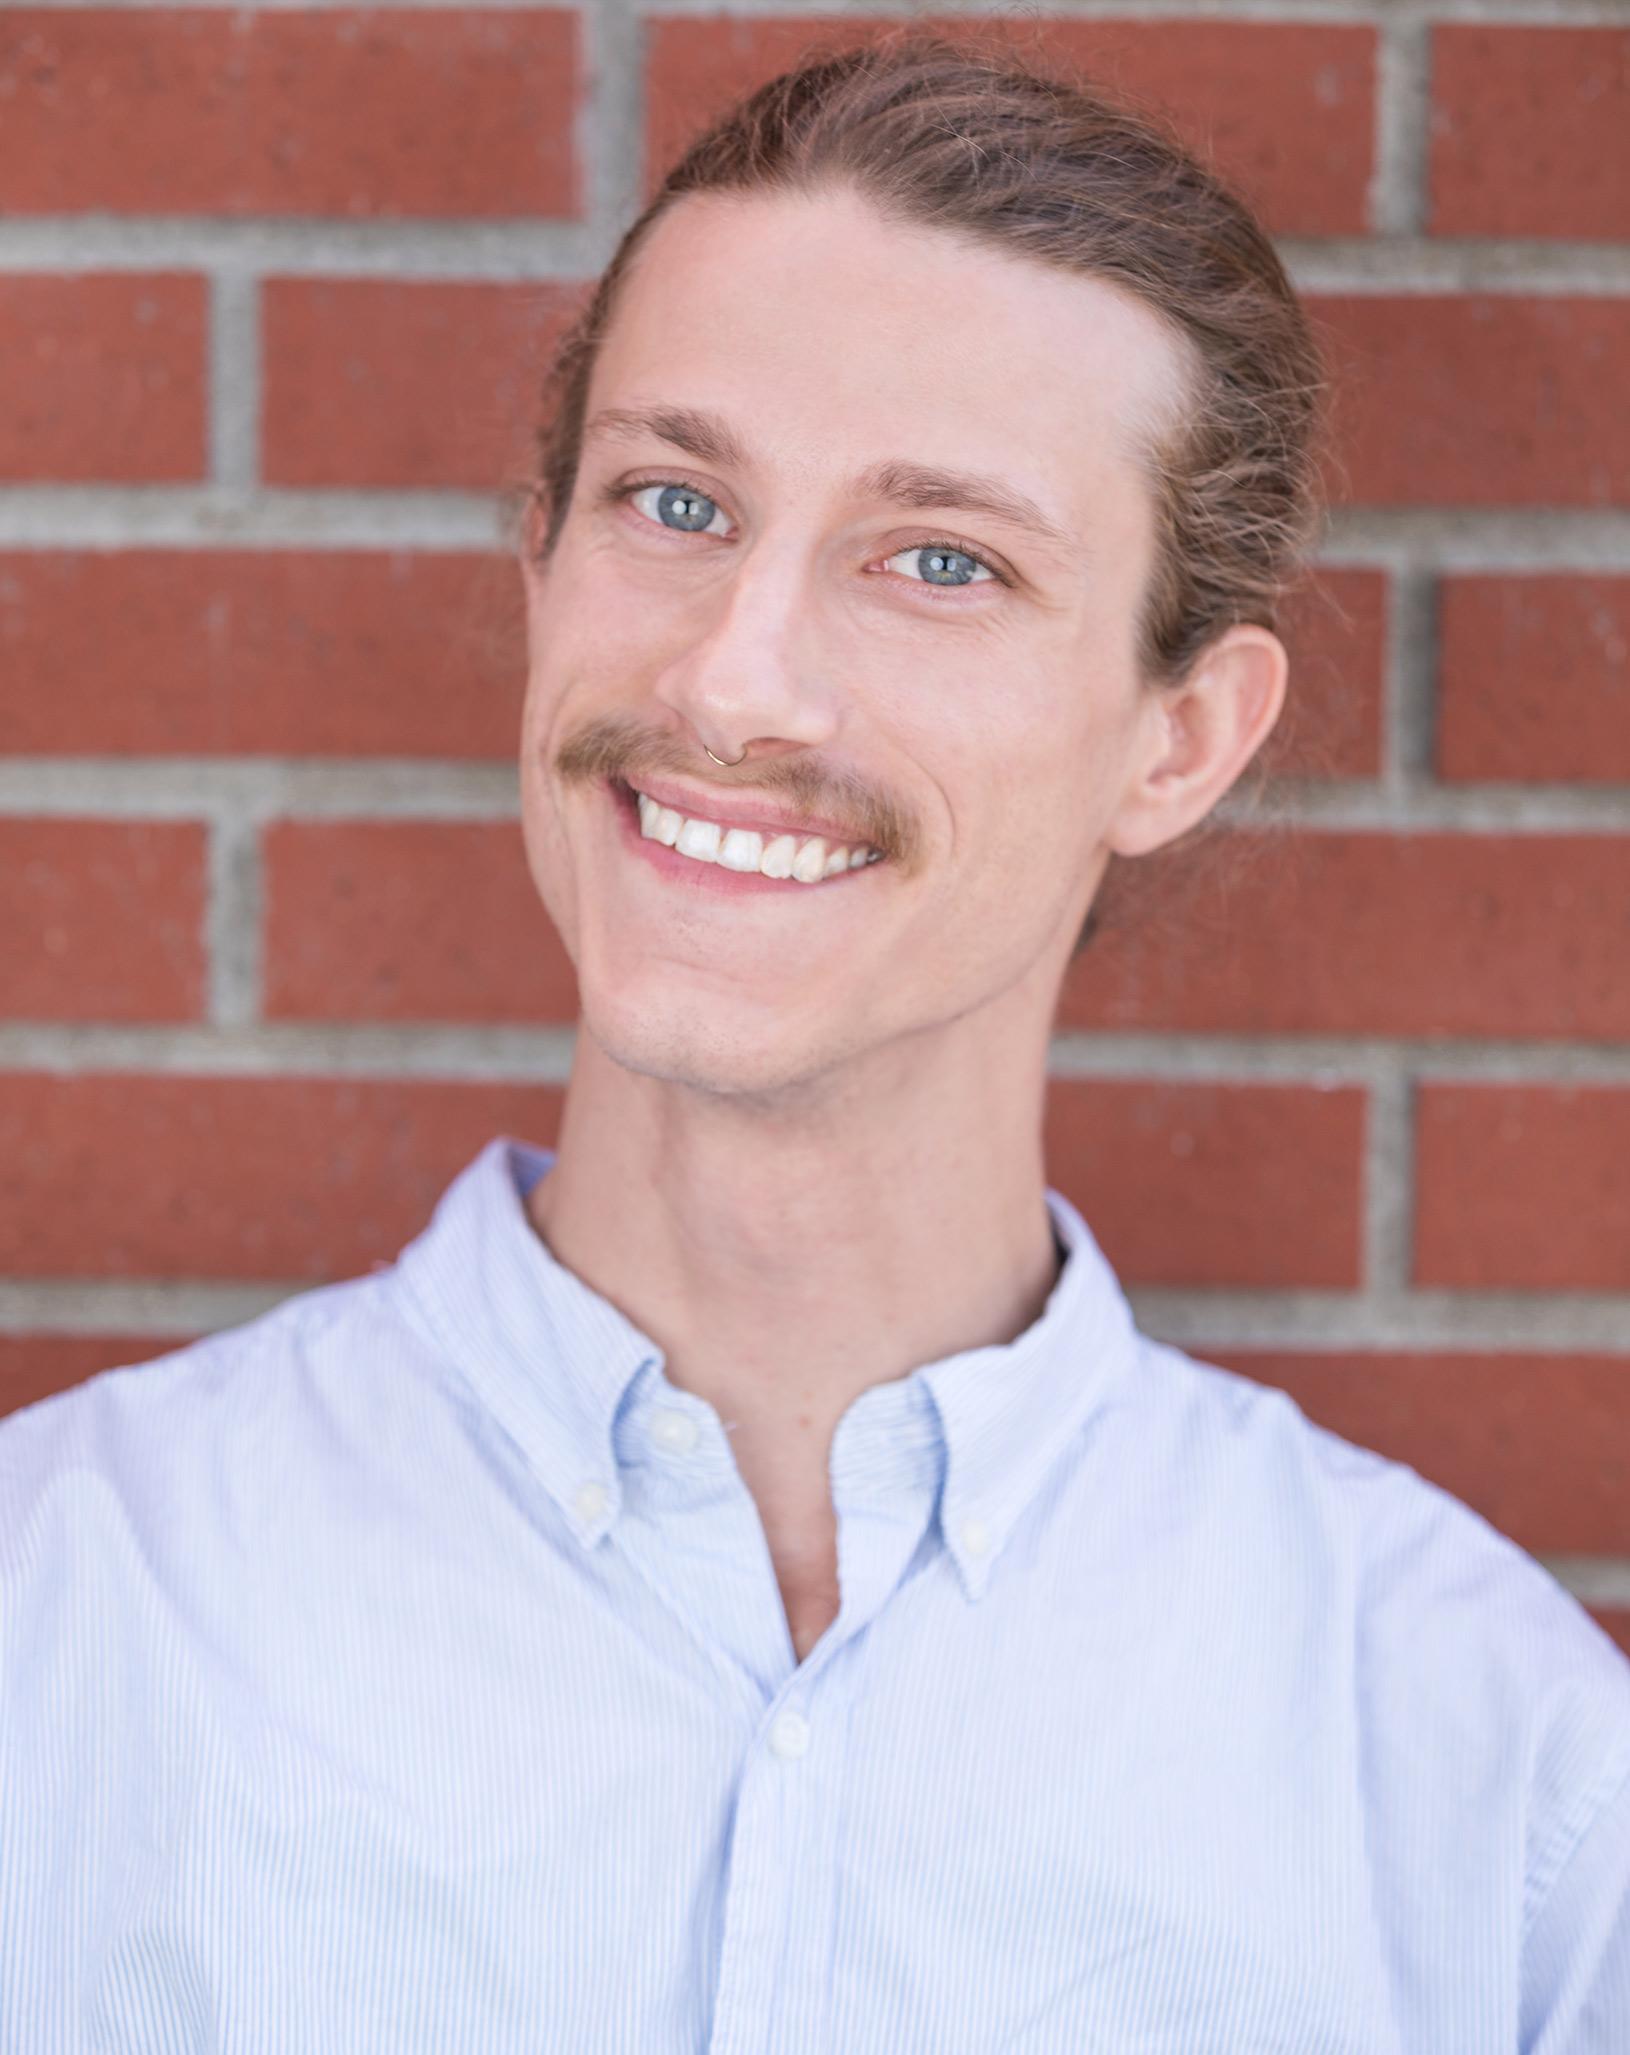 Nick Cusato